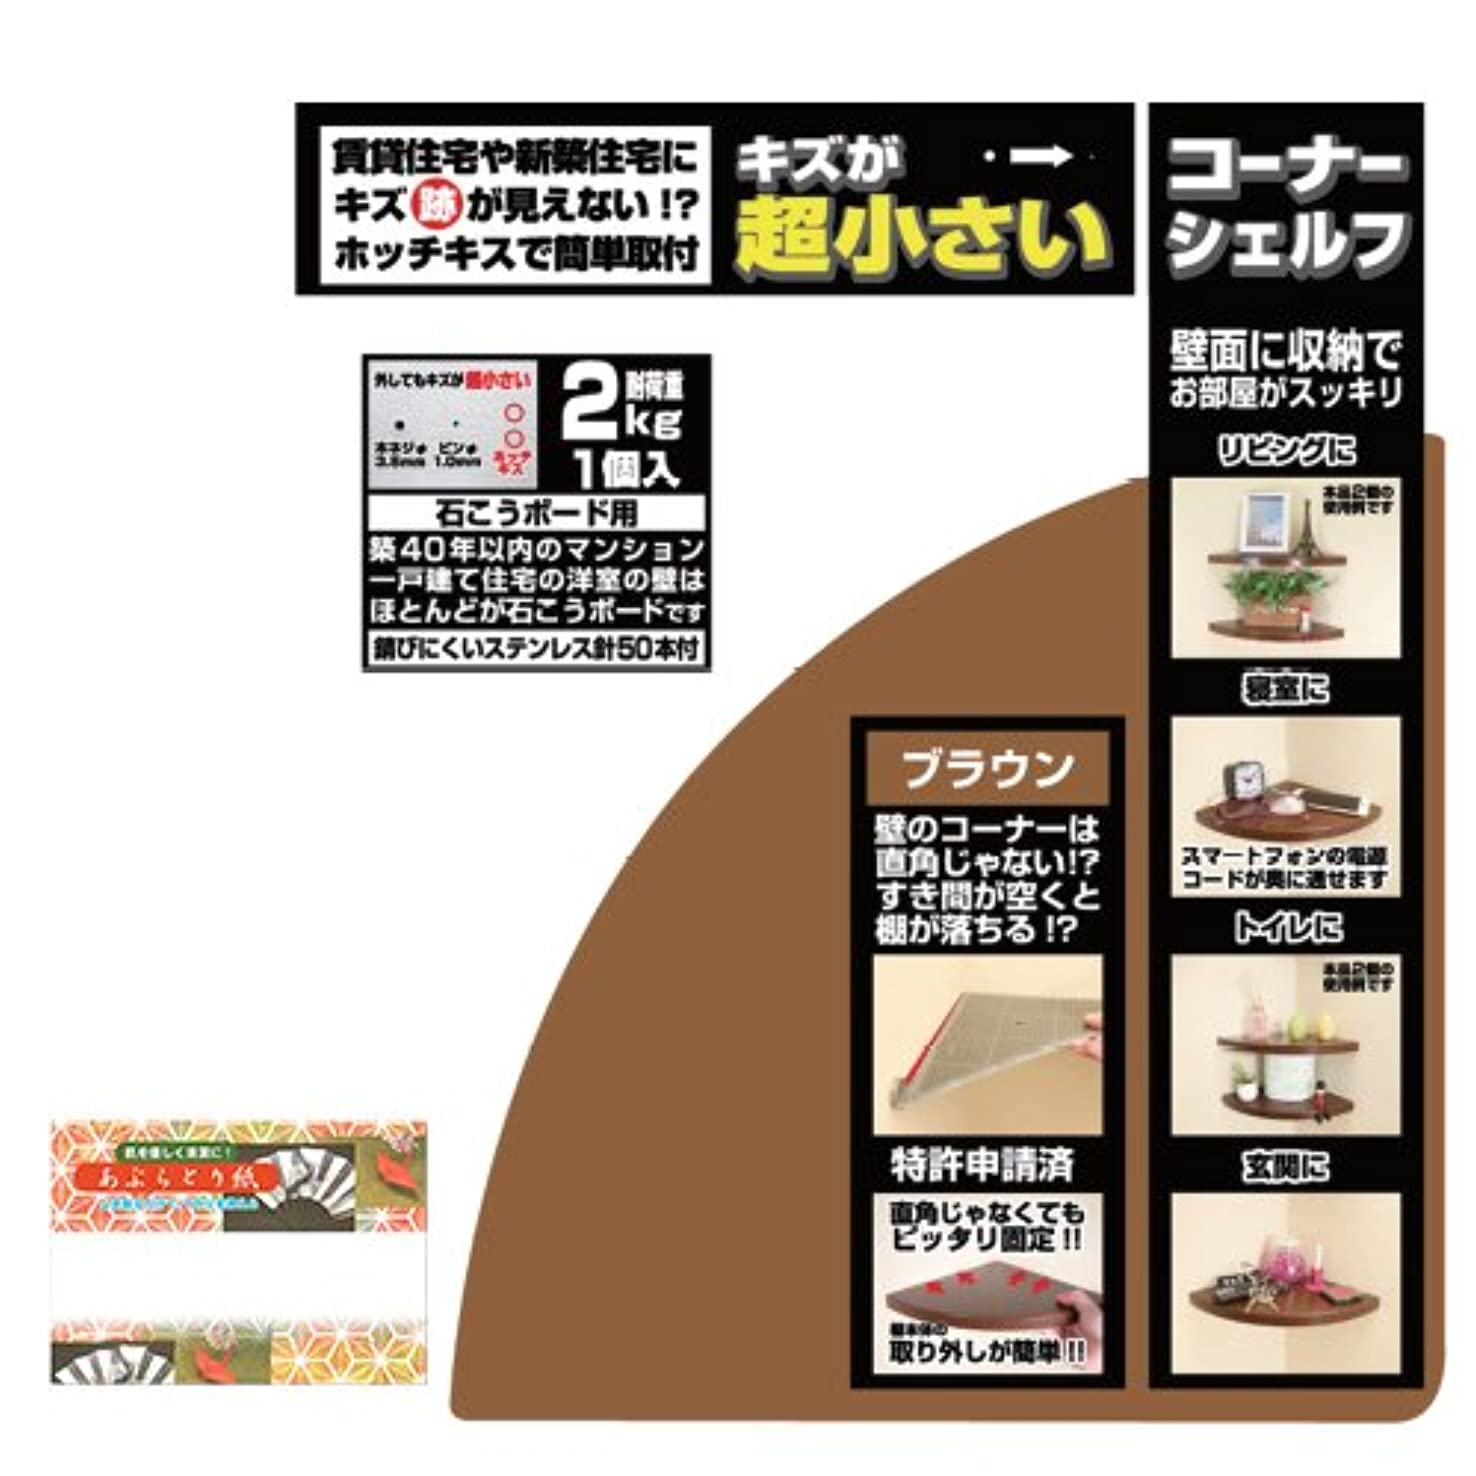 滑るレタスネットウエルスジャパン キズが超小さいコーナーシェルフ ブラウン + 高級あぶらとり紙セット